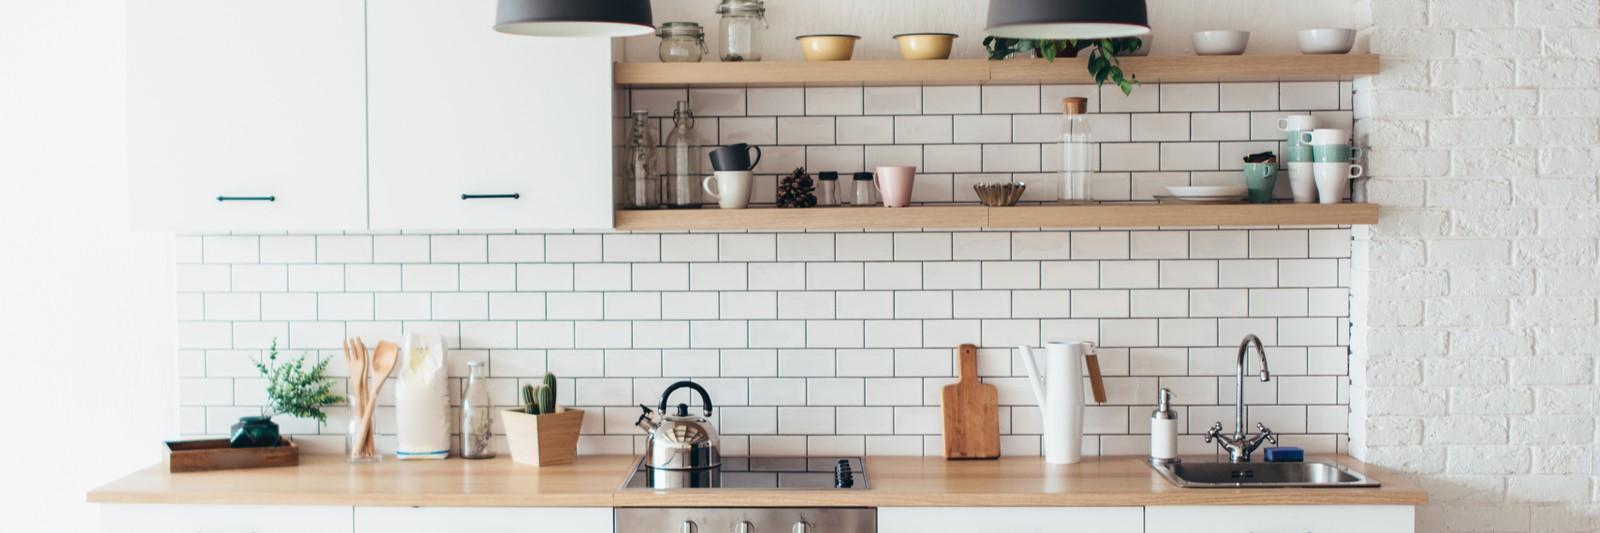 Comment décorer votre cuisine et salle de bain avec des cadres deco ?